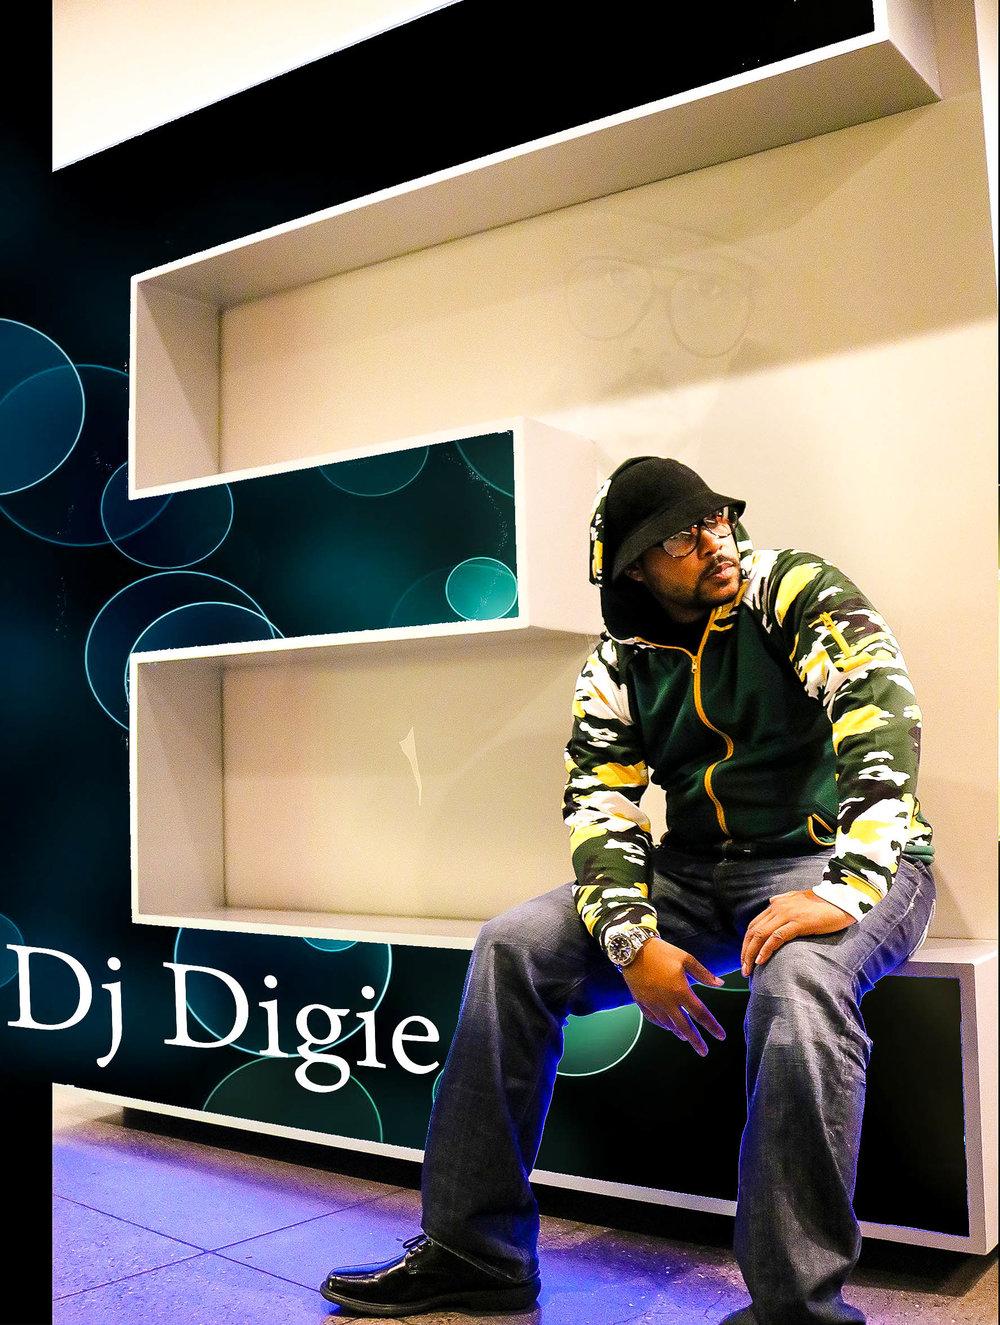 DJ Digie